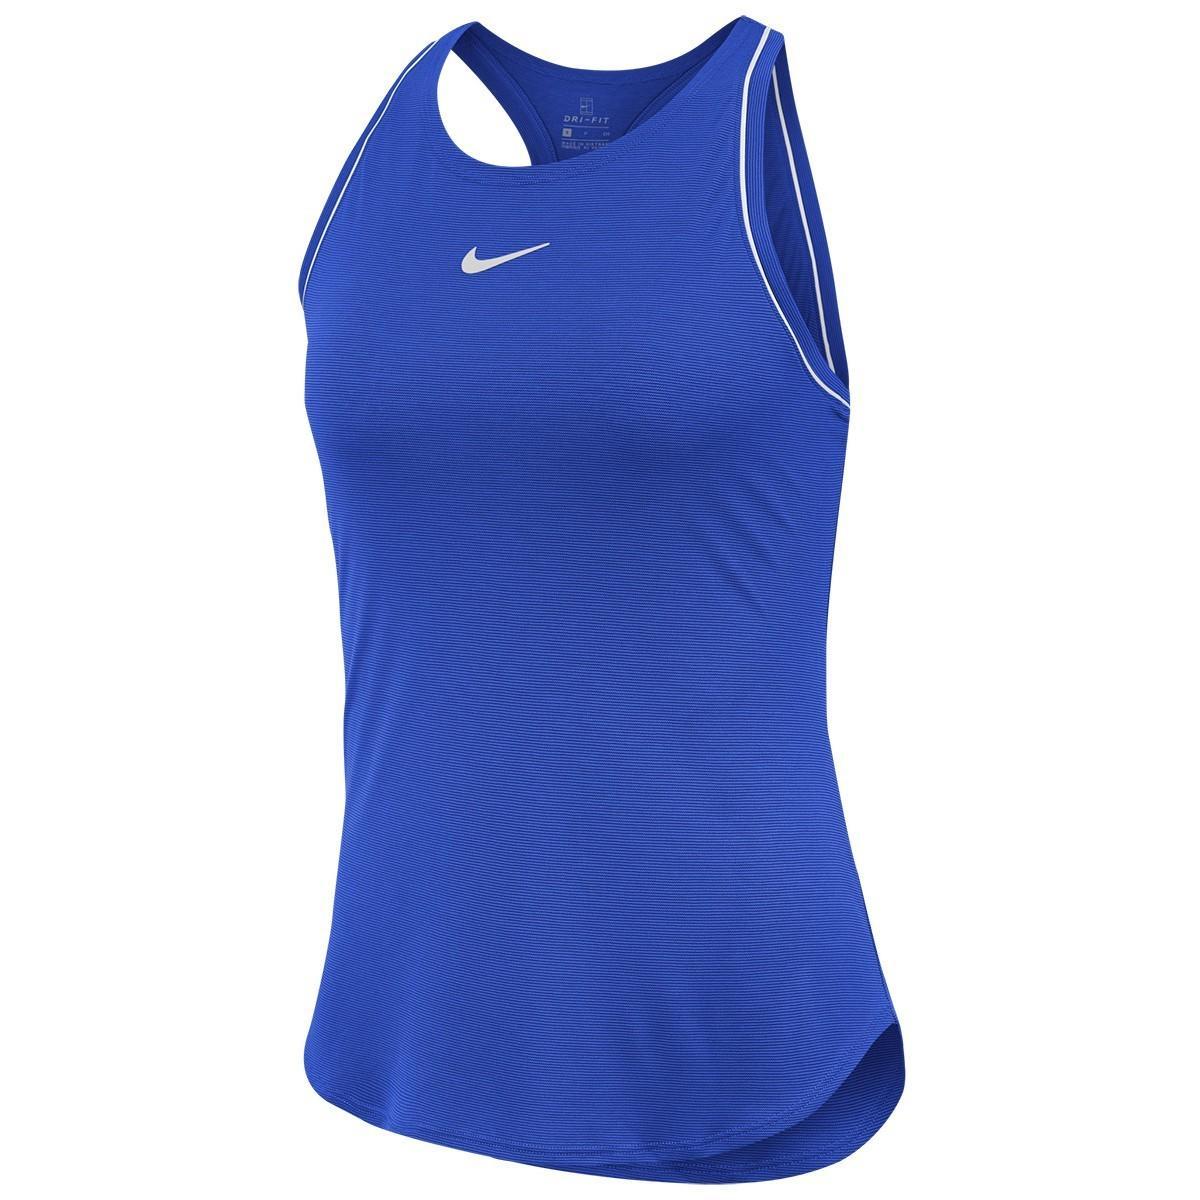 Теннисная майка женская Nike Court Dry Tank game royal/white